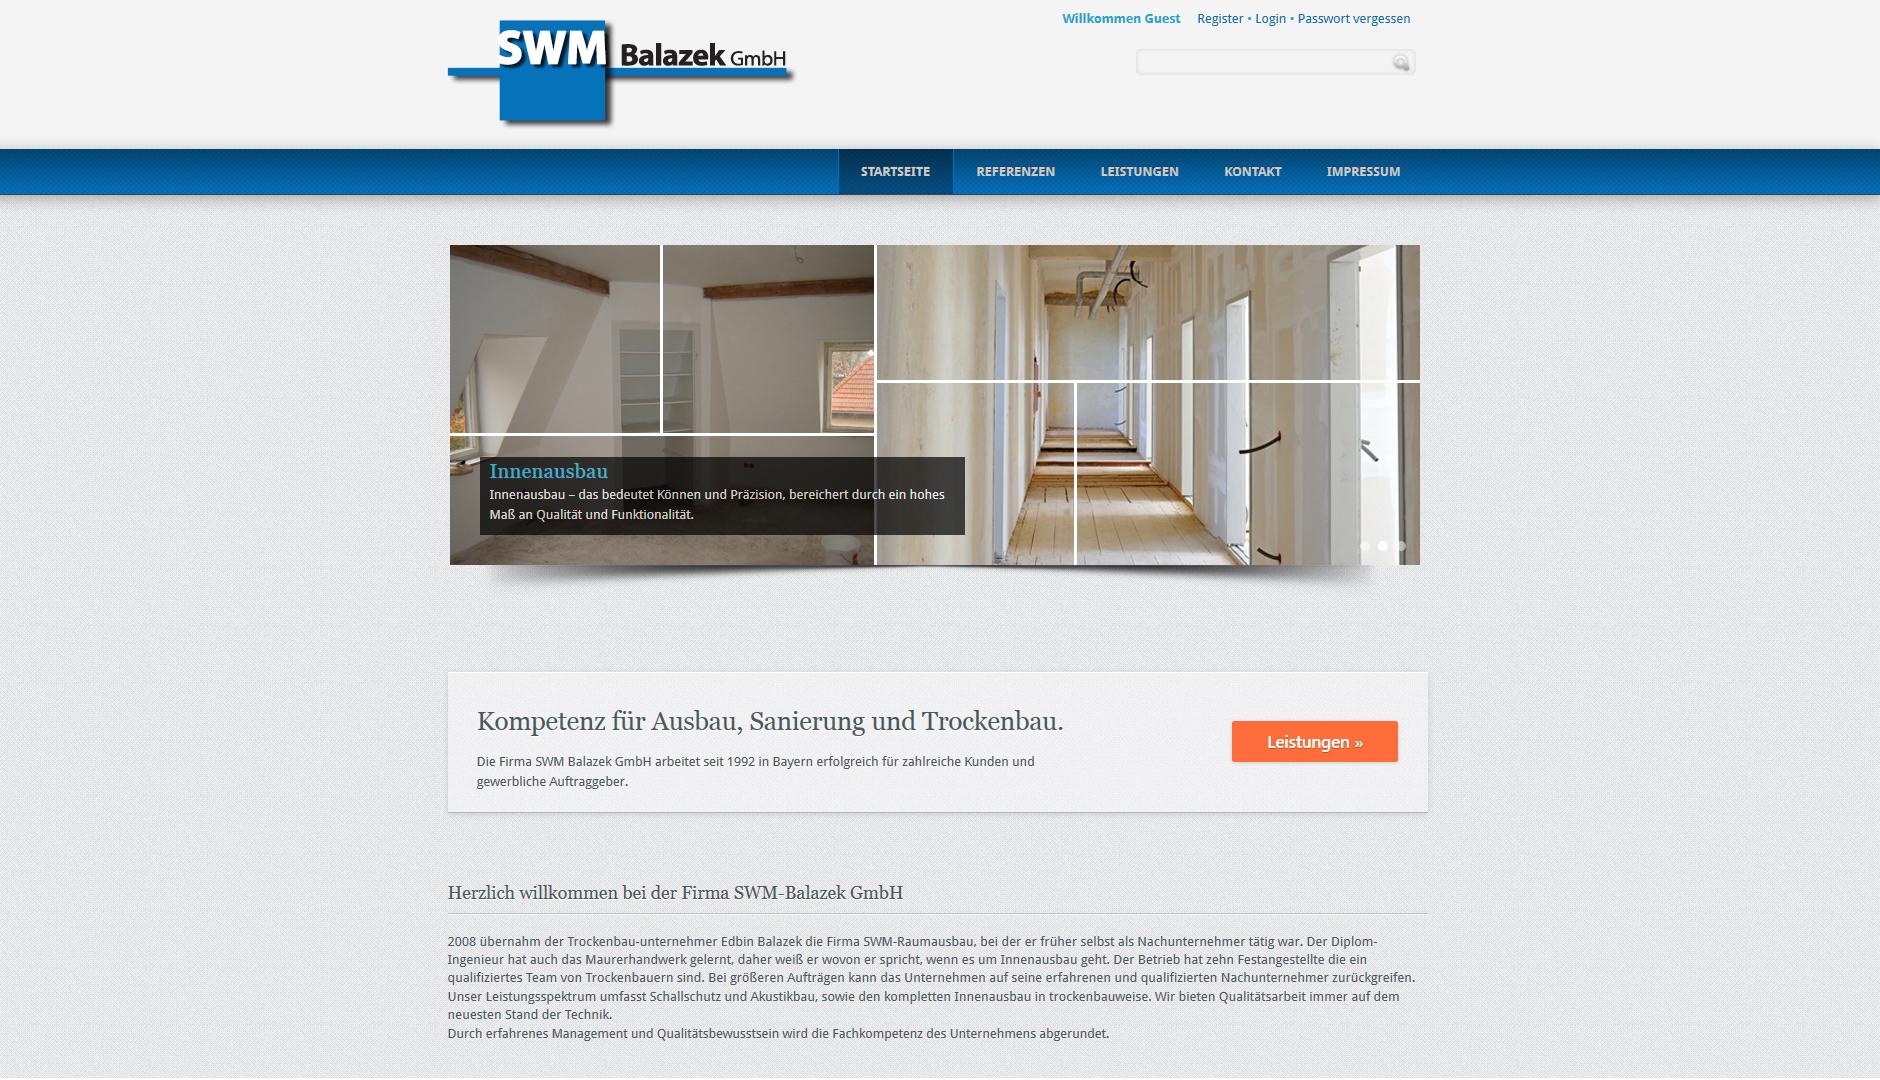 SWM Balazek GmbH